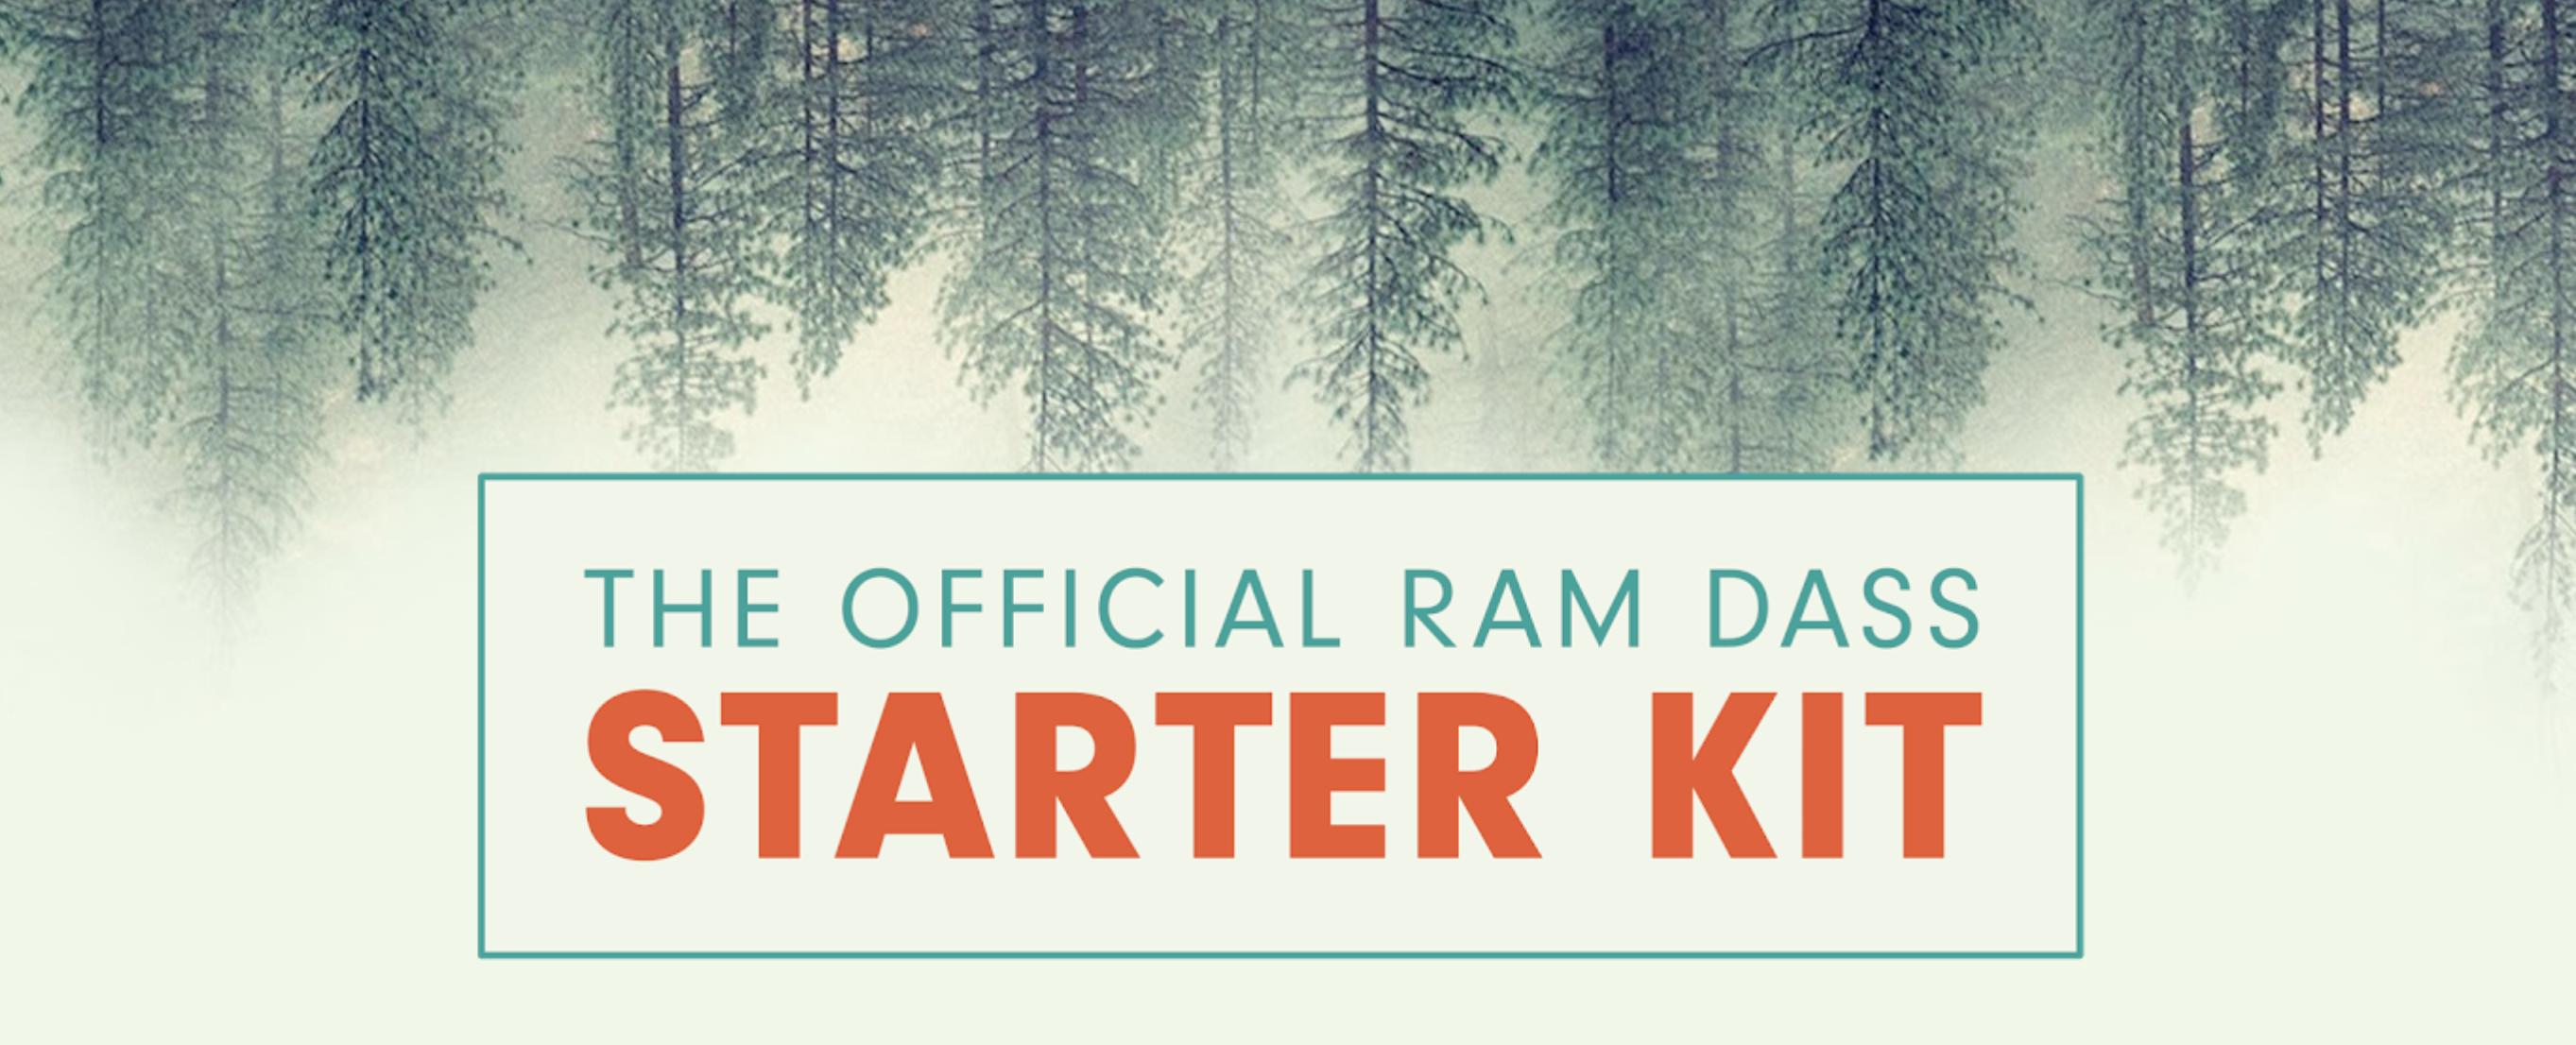 The Official Ram Dass Starter Kit